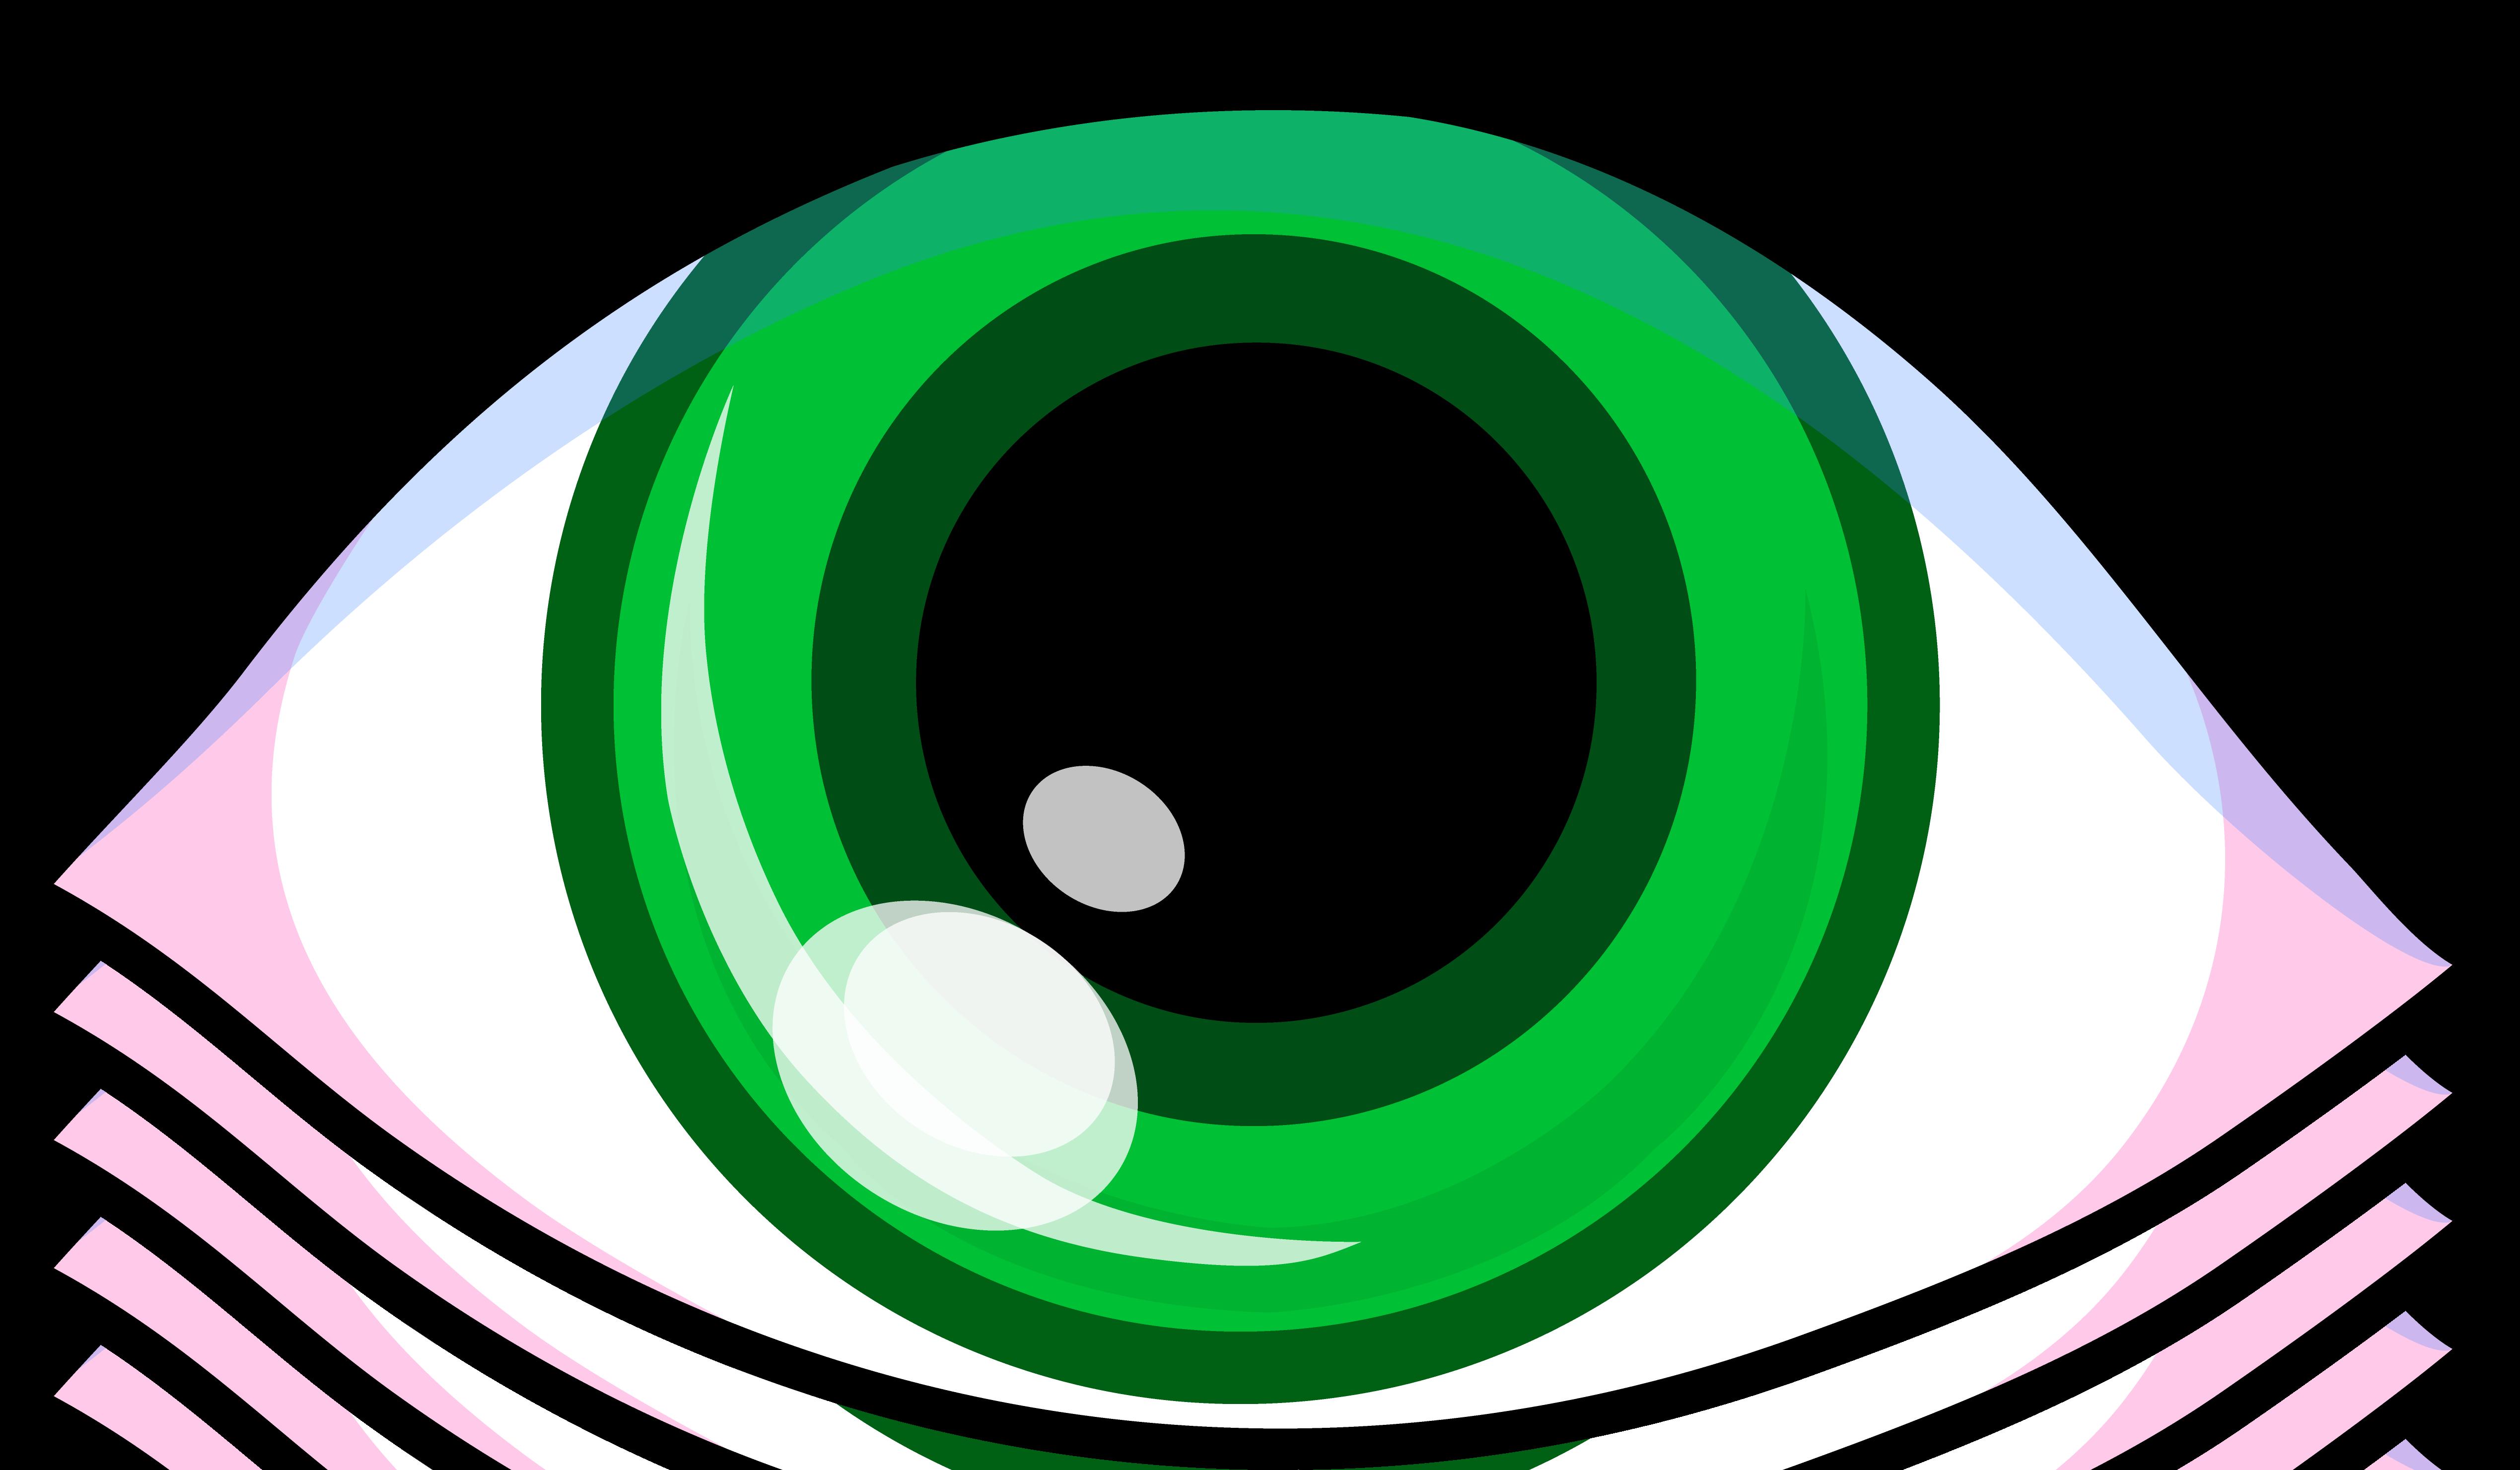 clipart Vision clipart cute eye. Cartoon eyes panda free